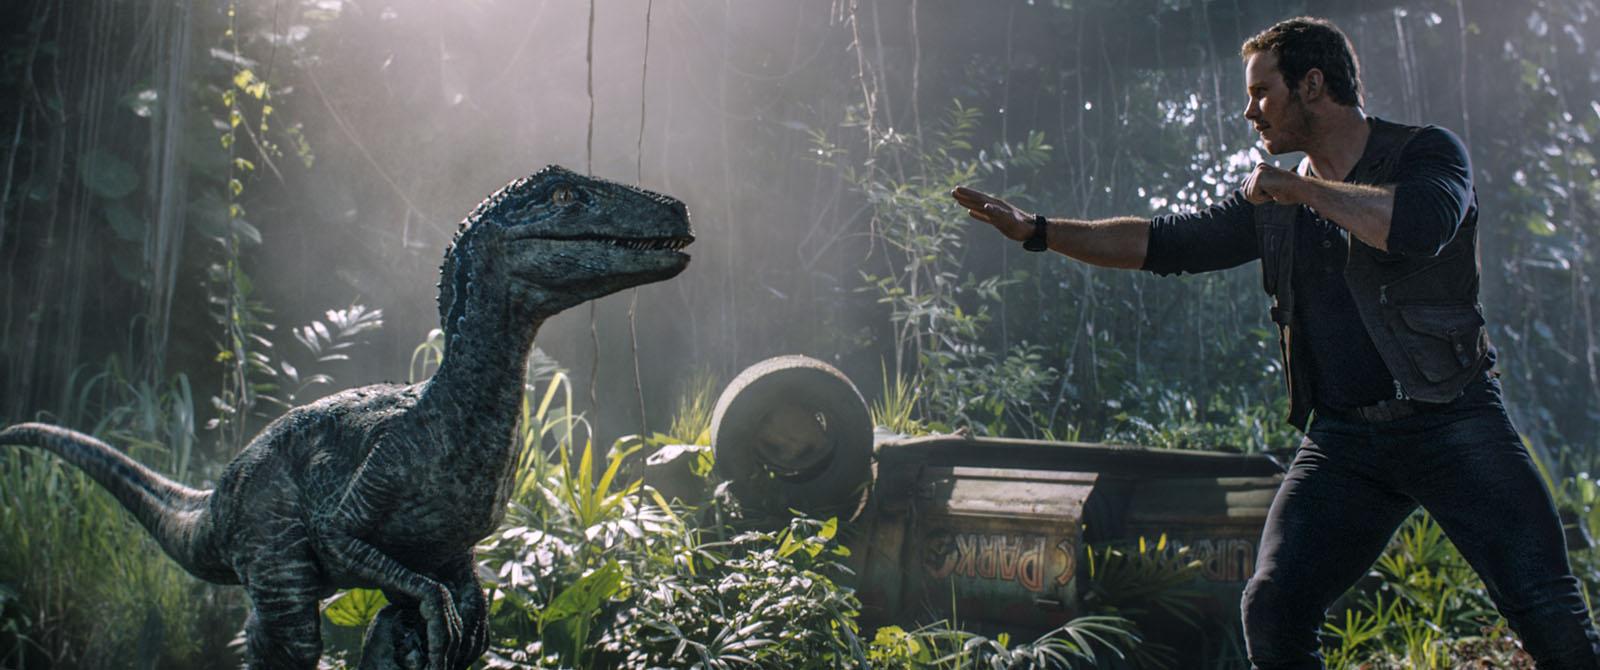 Jurassic World Film önerileri